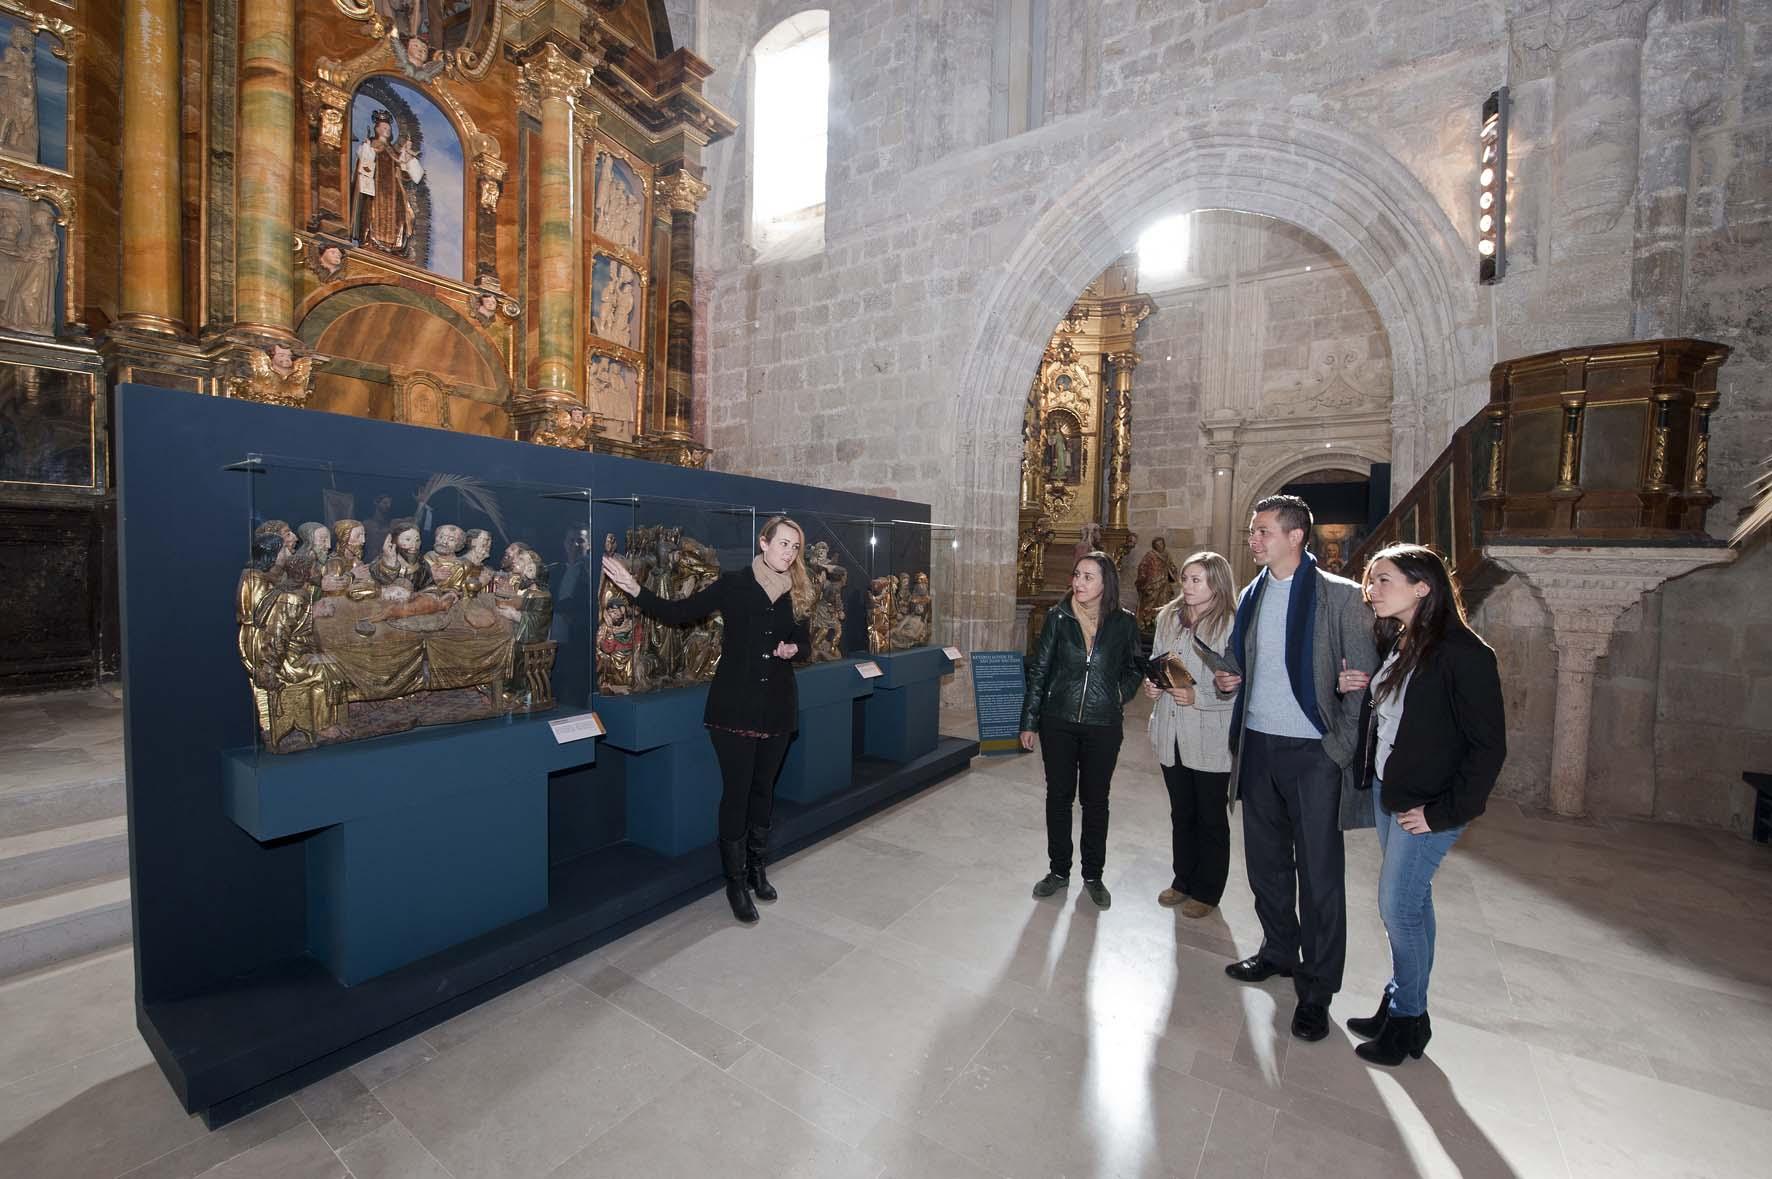 Iglesia de San JuanMuseo de arte sacro Aranda de Duero